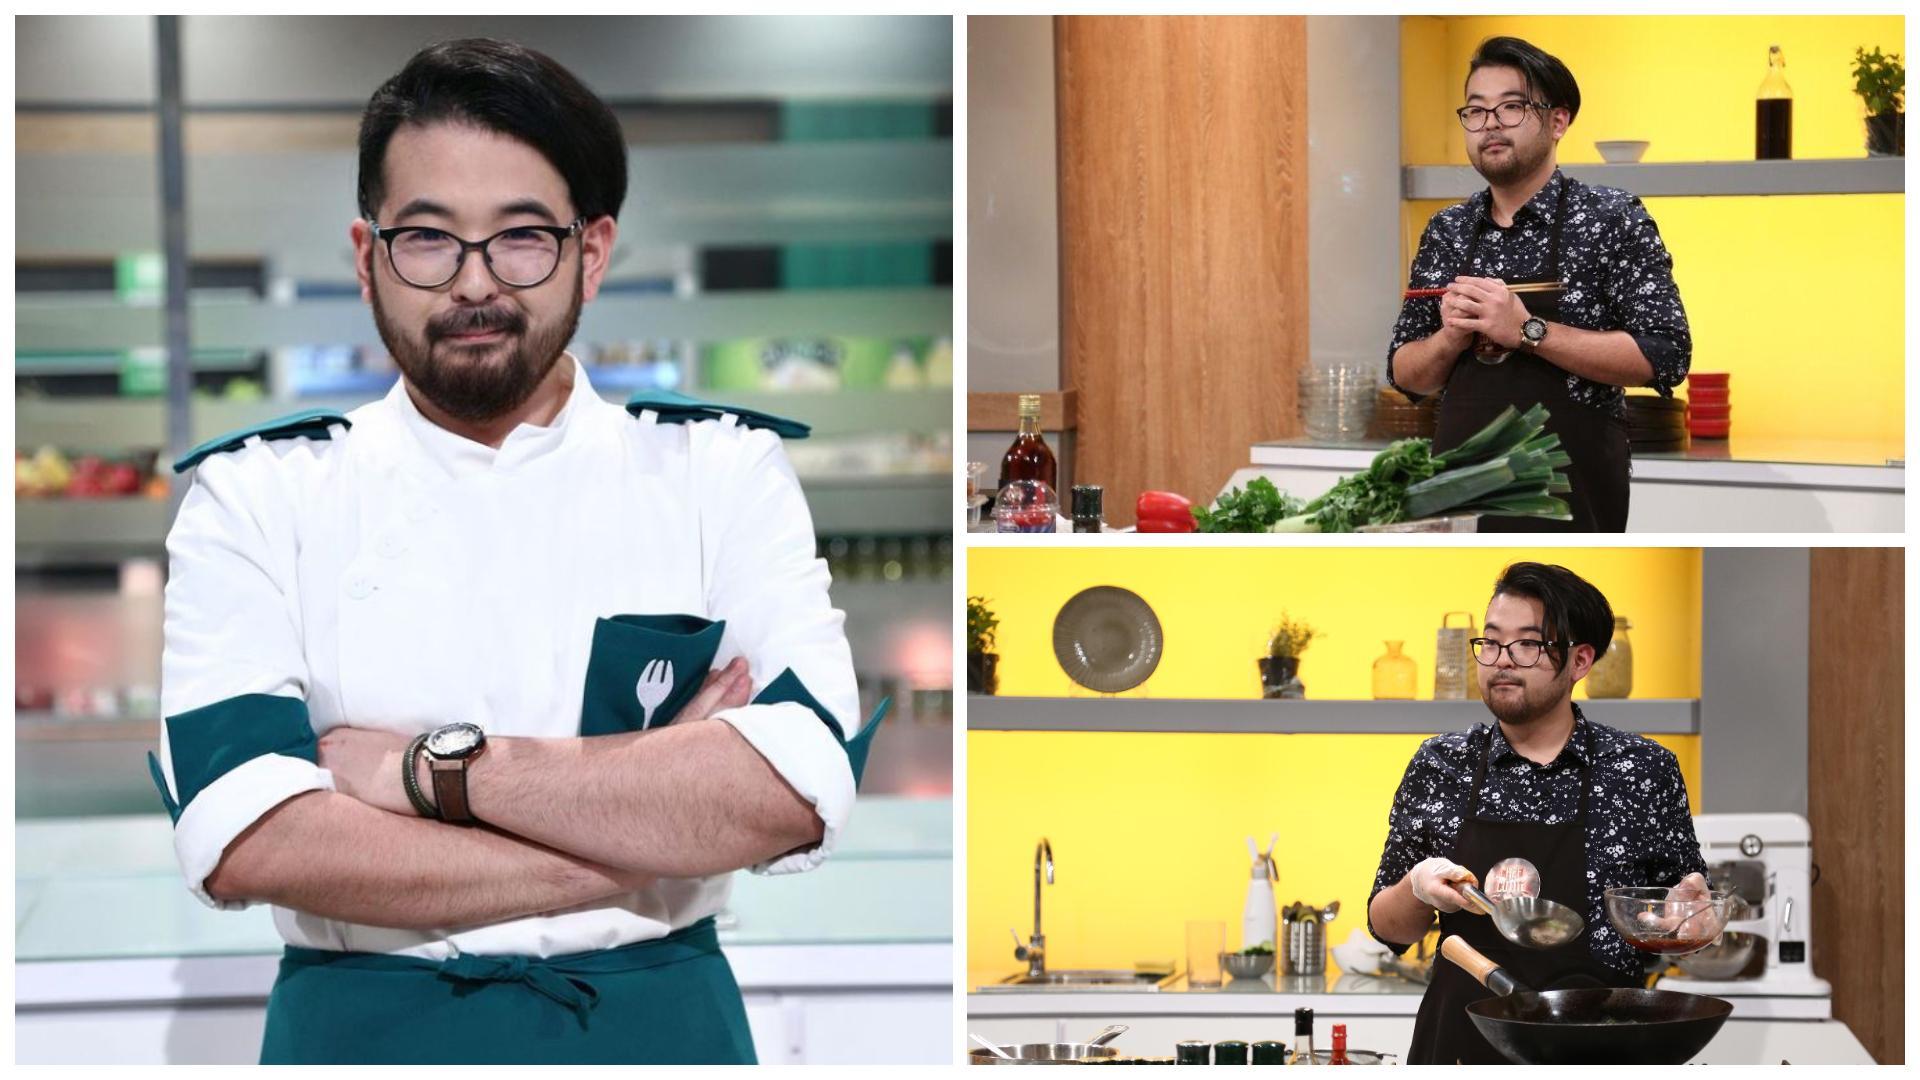 Chefi la cuțite 2021. Rikito Watanabe, concurentul Chefi la cuțite, are un frate care îi seamănă perfect. Imaginea inedită cu ei